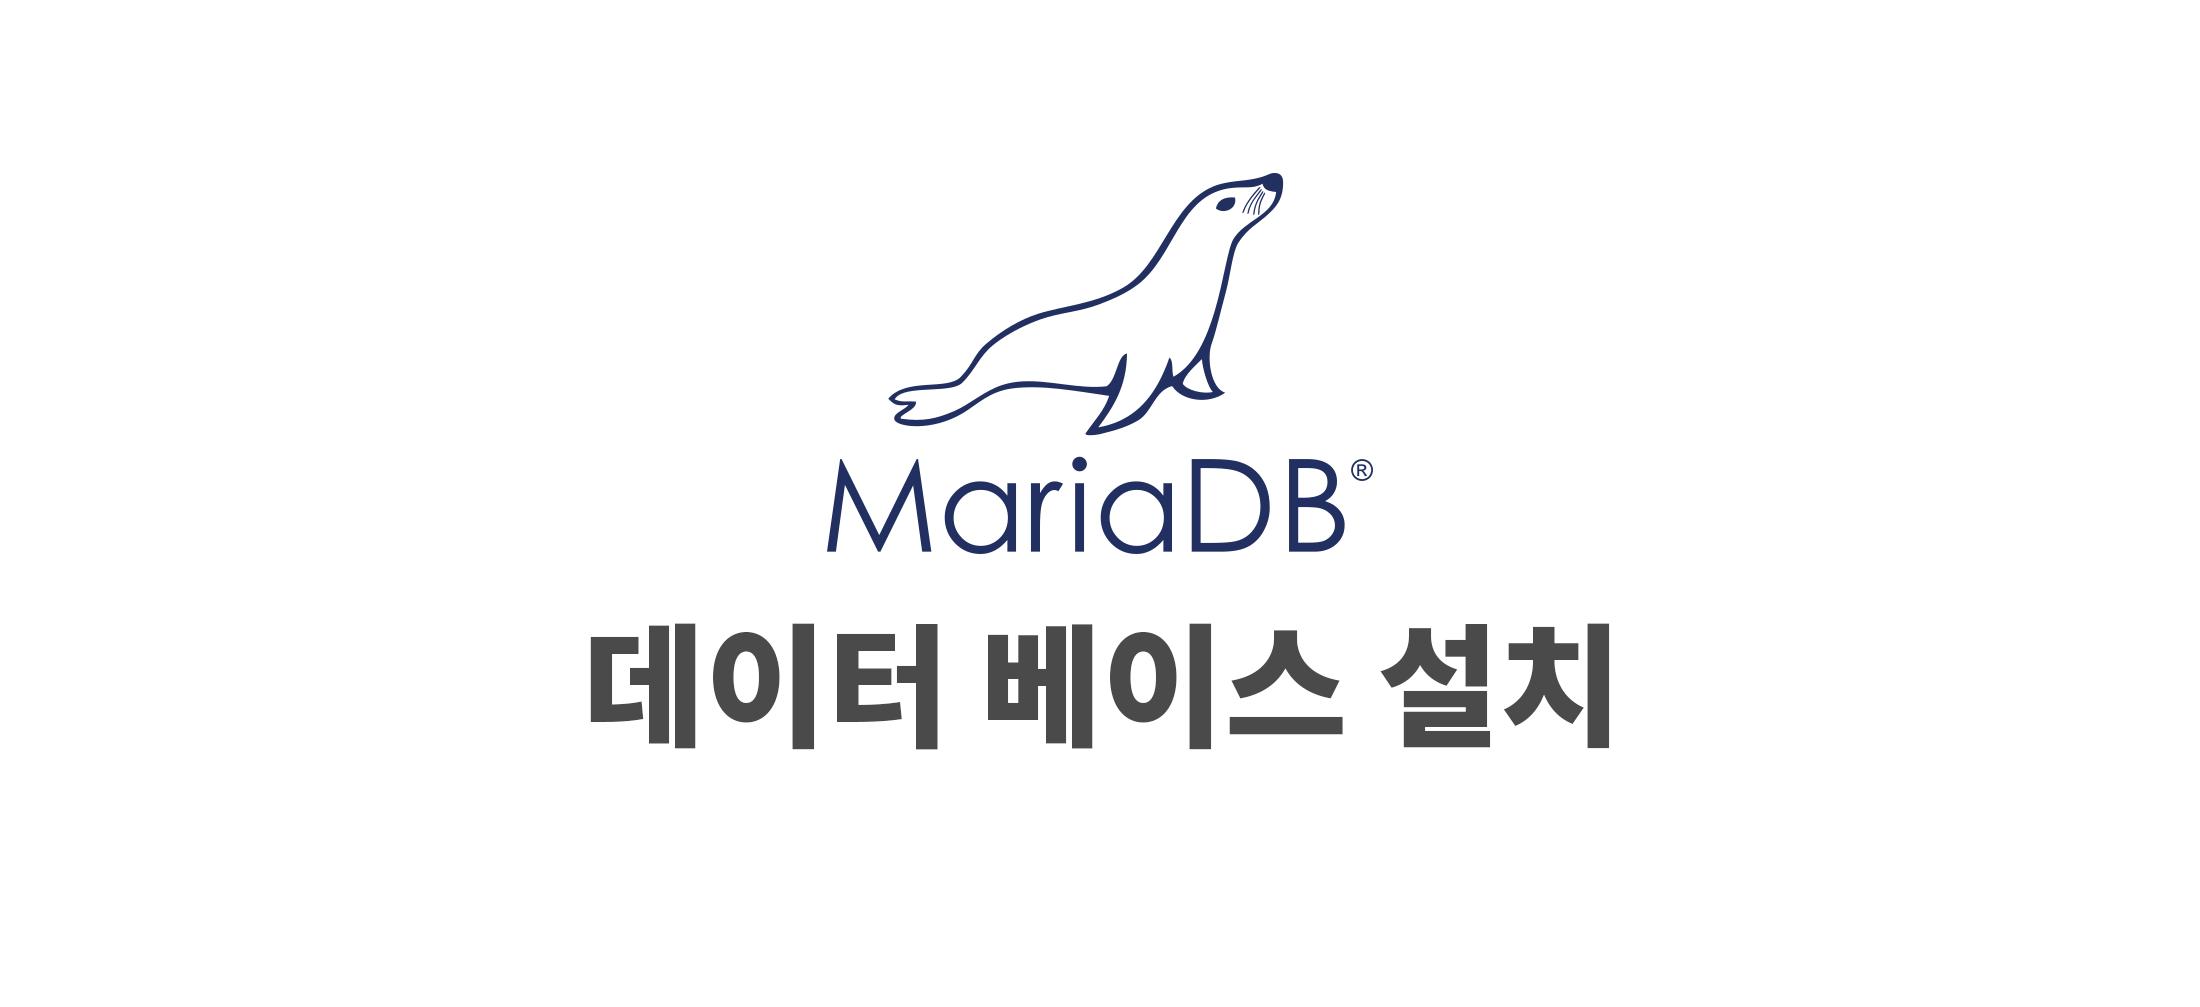 MariaDB 데이터베이스 설치 대표이미지